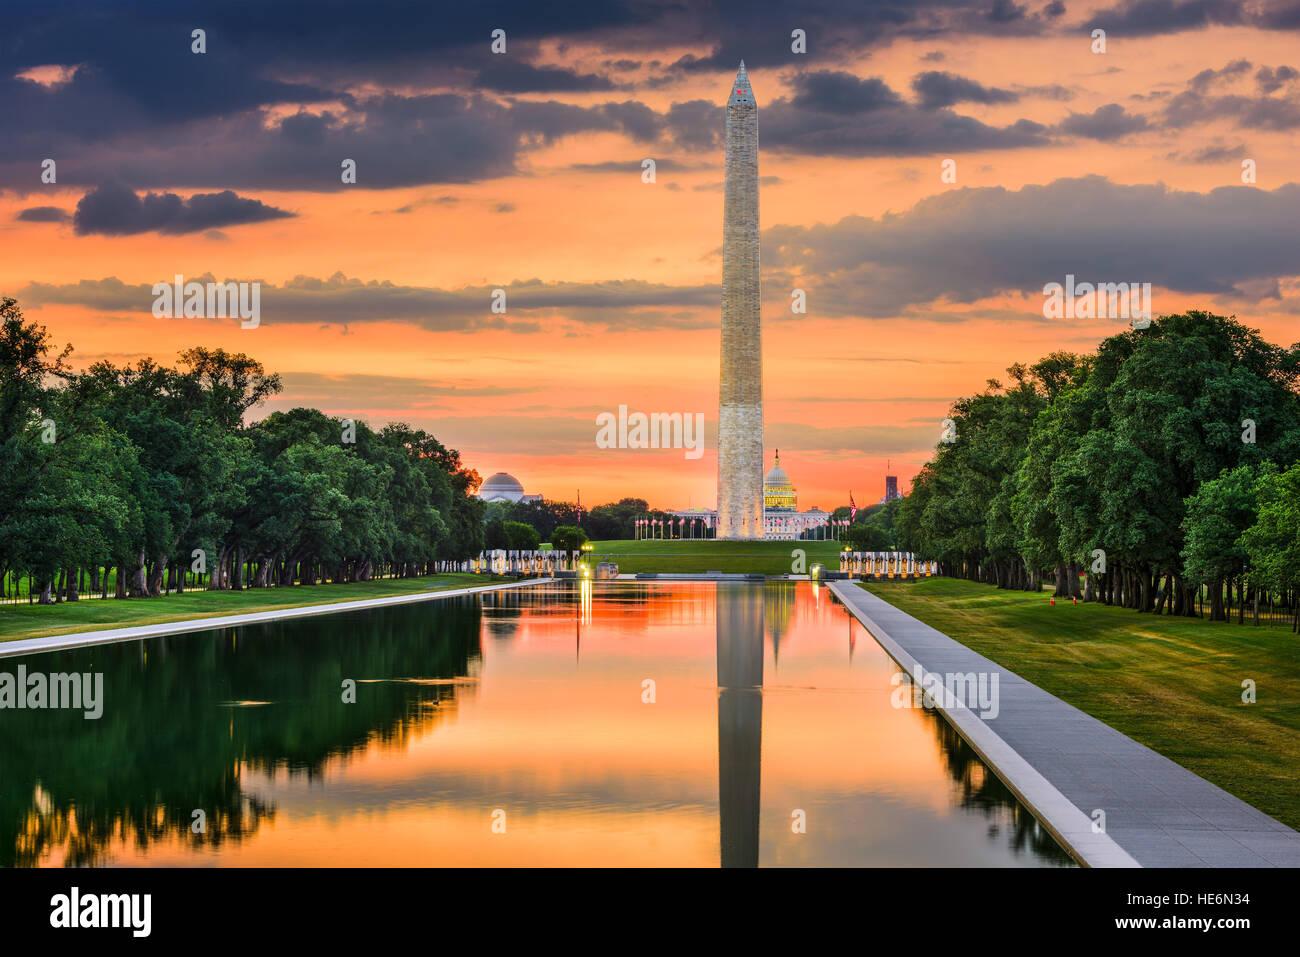 Monumento a Washington en la piscina reflectante en Washington, DC. Imagen De Stock